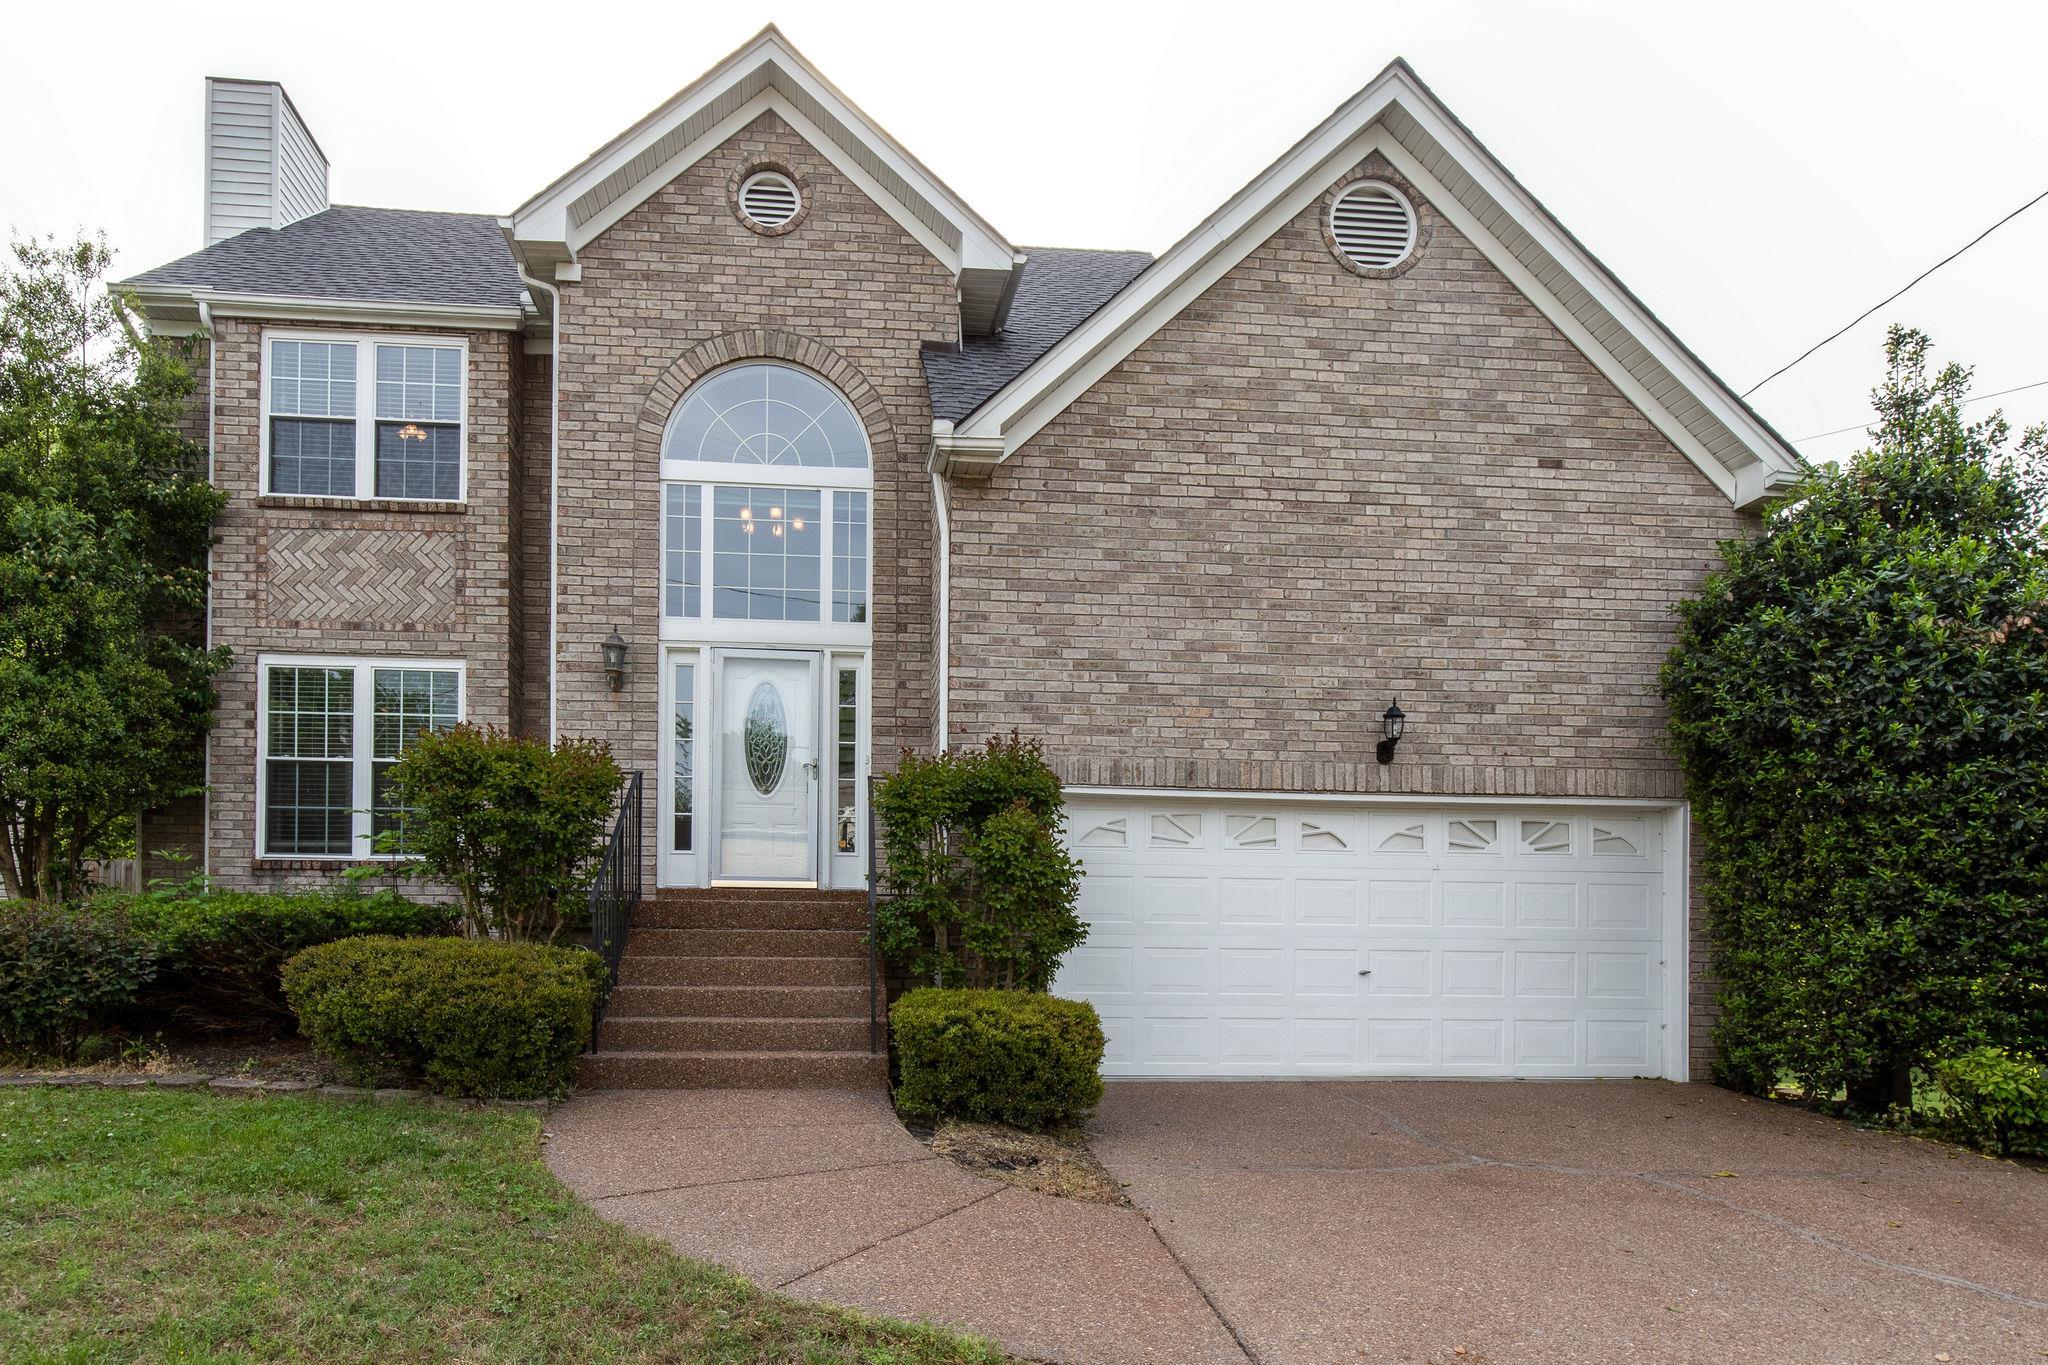 155 E Harbor, Hendersonville, TN 37075 - Hendersonville, TN real estate listing